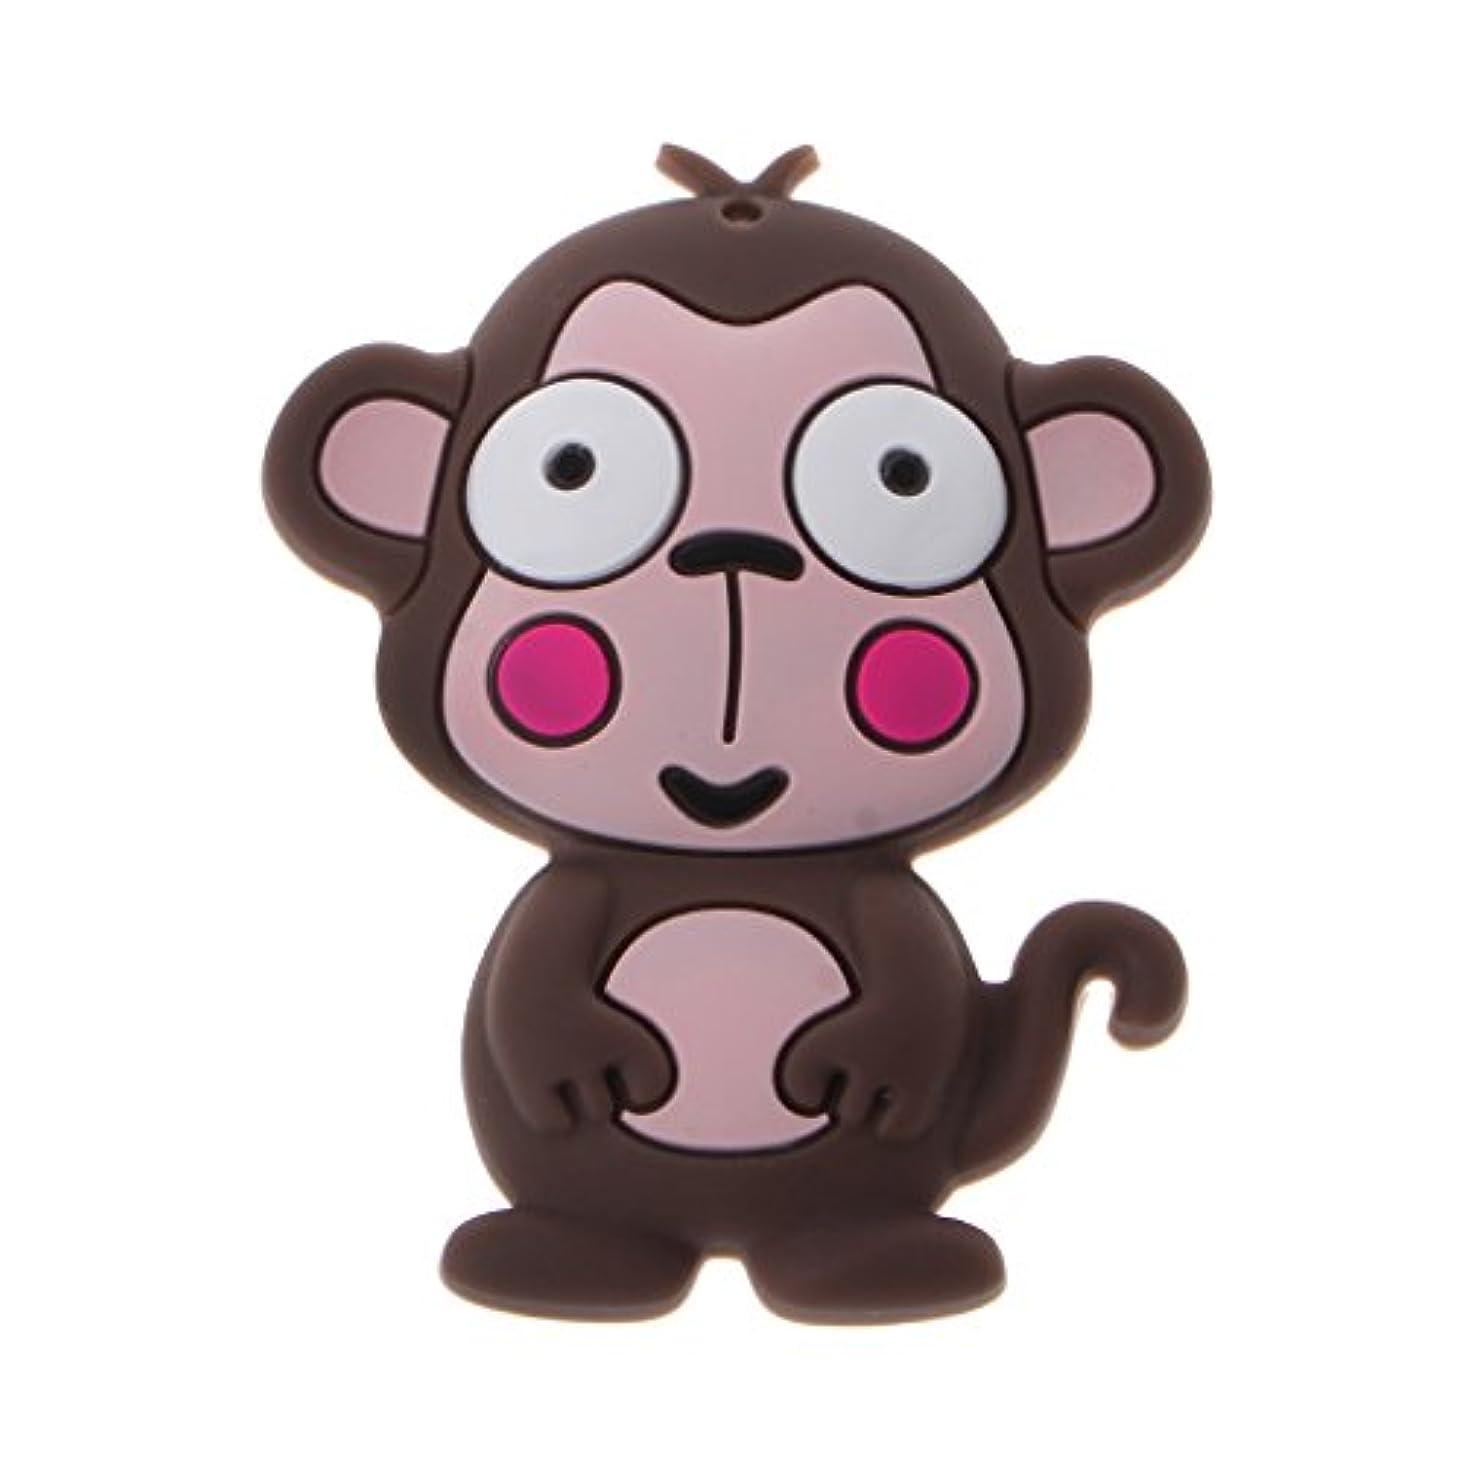 Landdumシリコーンおしゃぶり漫画猿頭蓋骨おしゃぶり赤ちゃん看護玩具かむ玩具歯が生えるガラガラおもちゃ